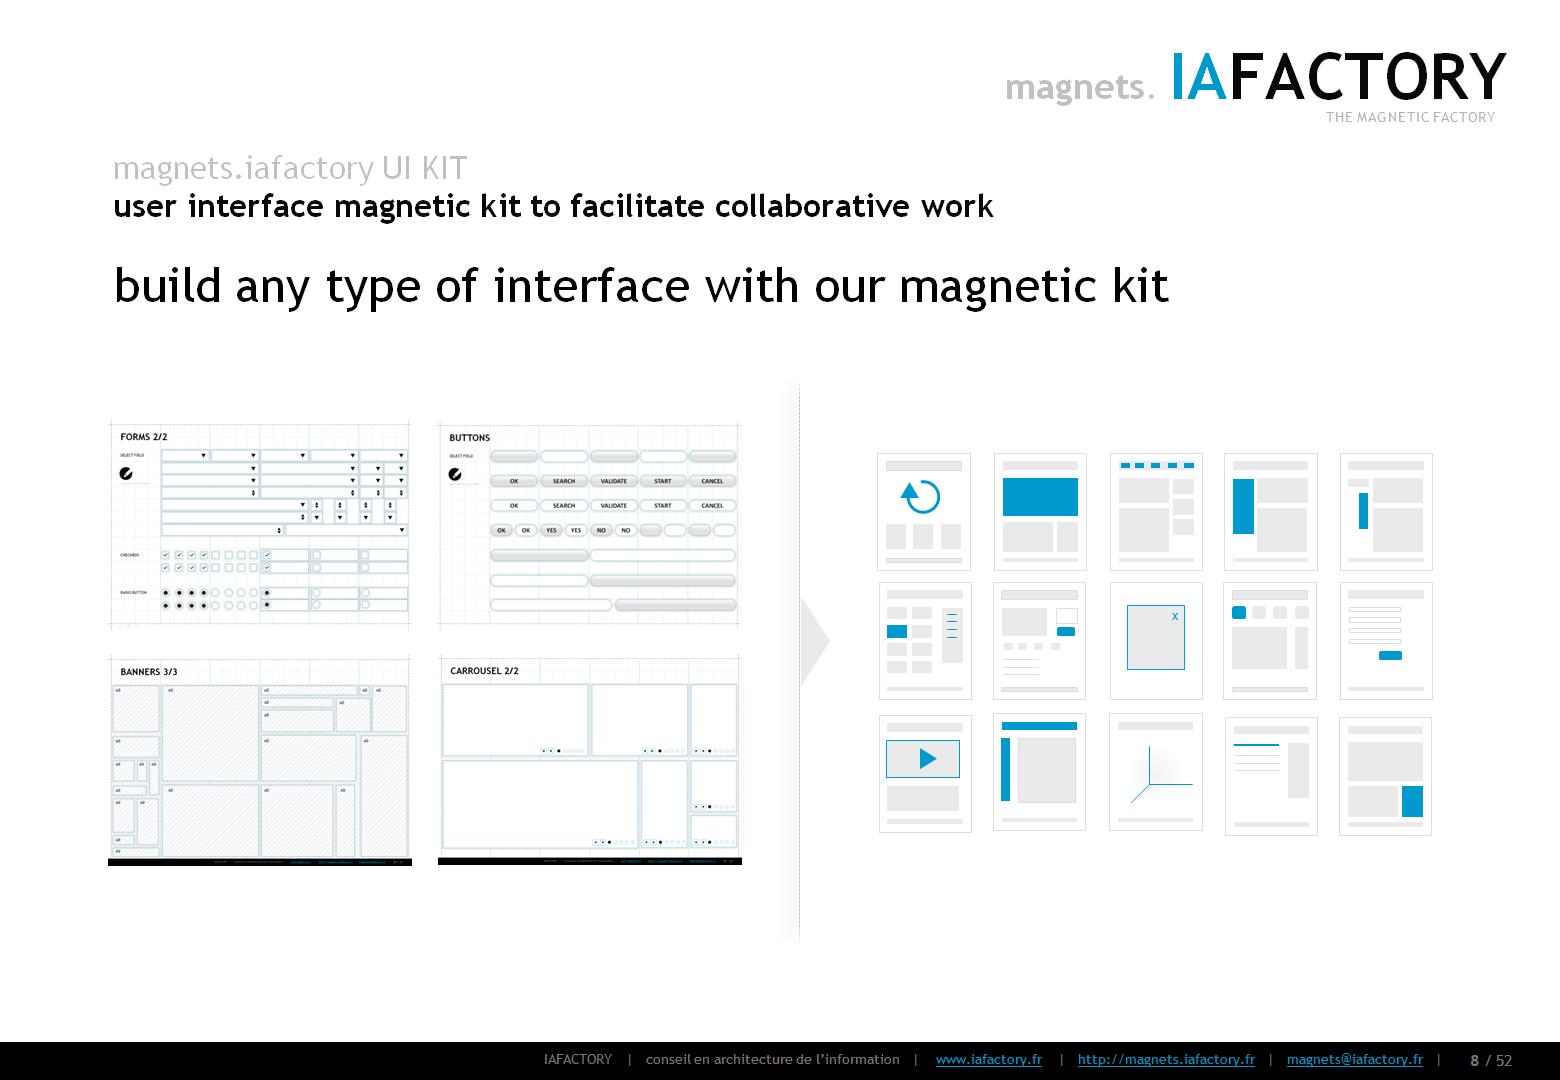 magnets.iafactory (interface utilisateur magnétique) concept 06